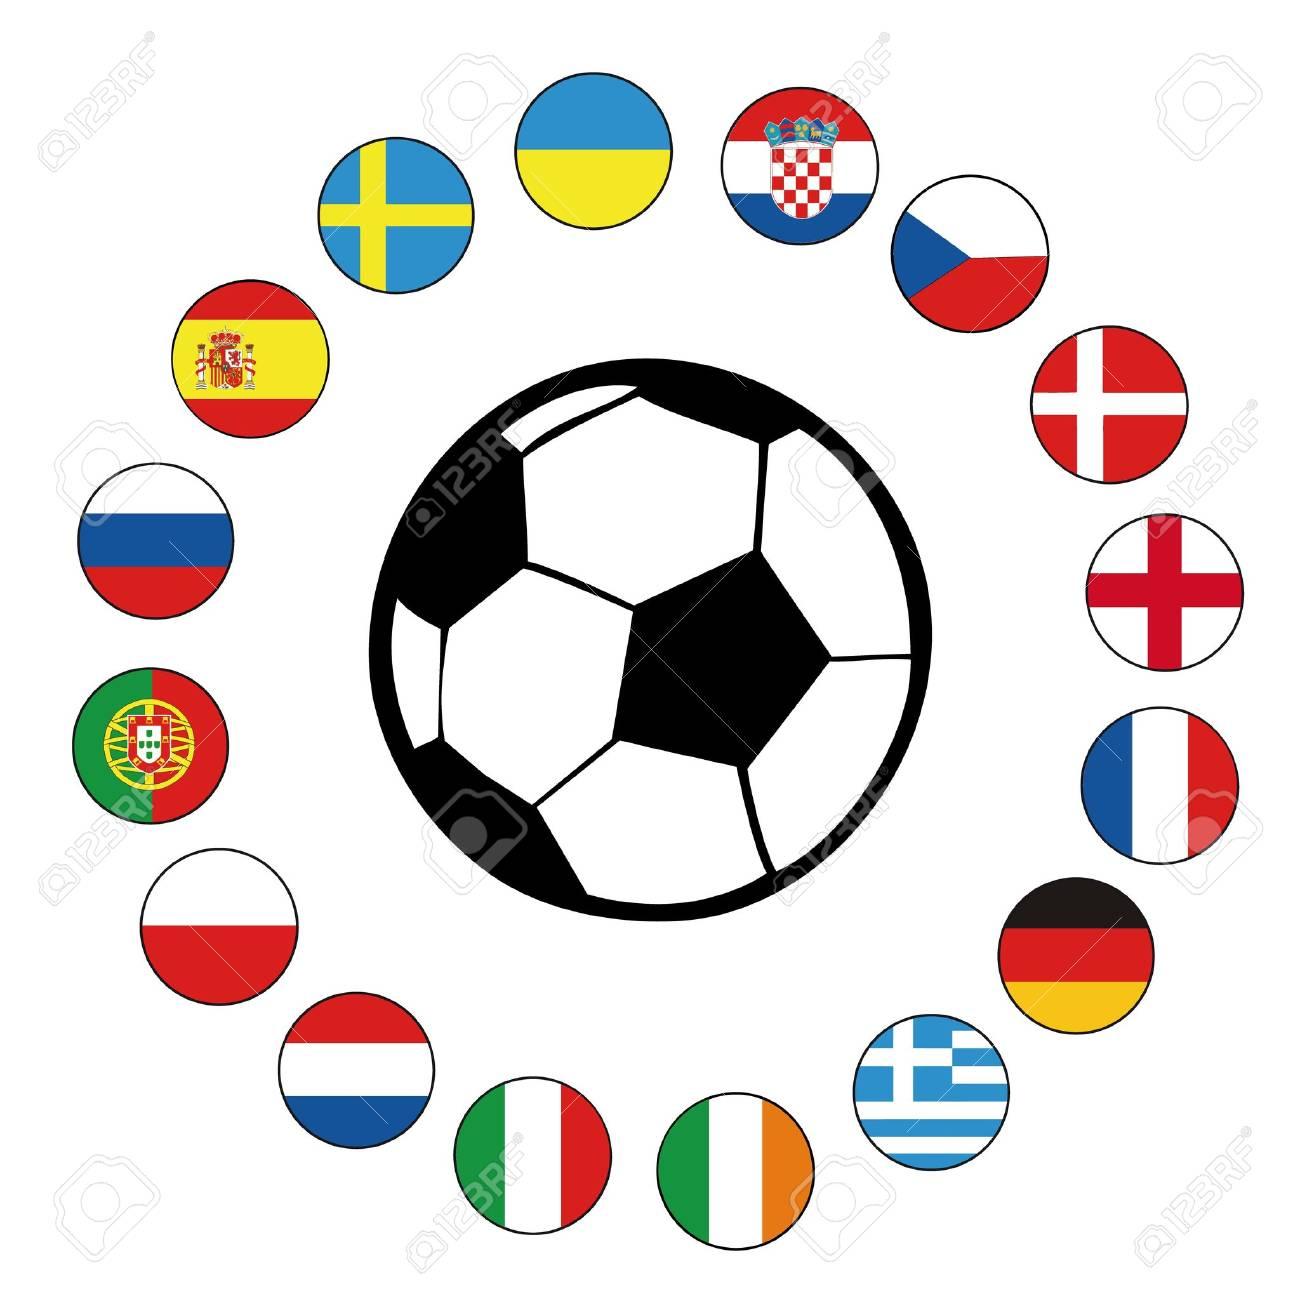 football euro2012 Stock Vector - 13635666